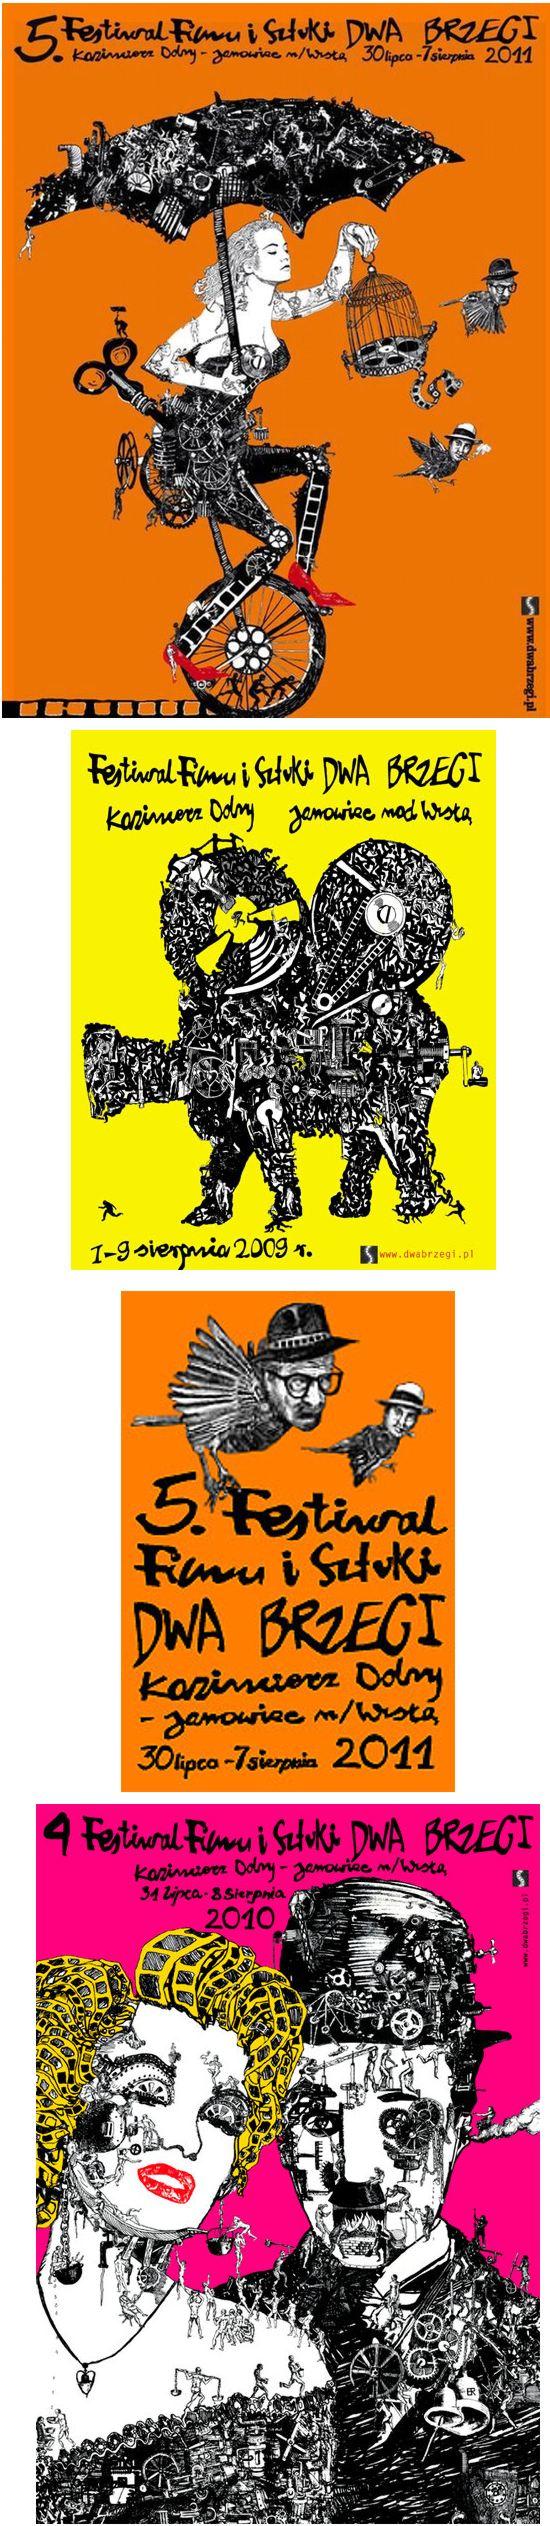 dwa brzegi plakaty